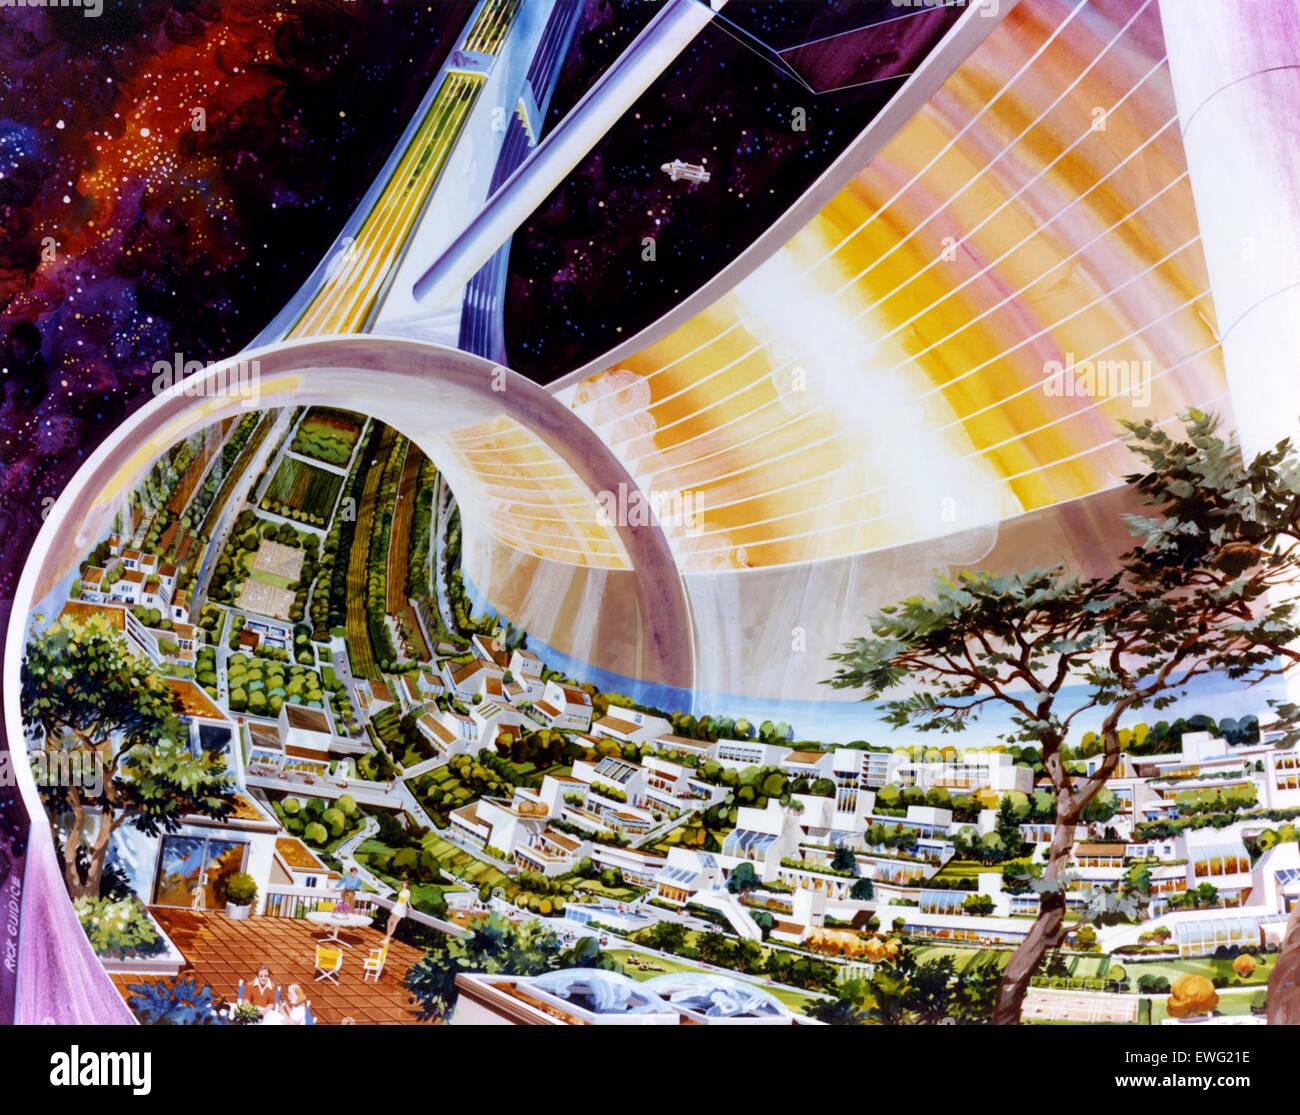 NASA Space Arte Colonizzazione spaziale colonia spaziale colonia spaziale Illustrazione illustrazione colonia spaziale Immagini Stock